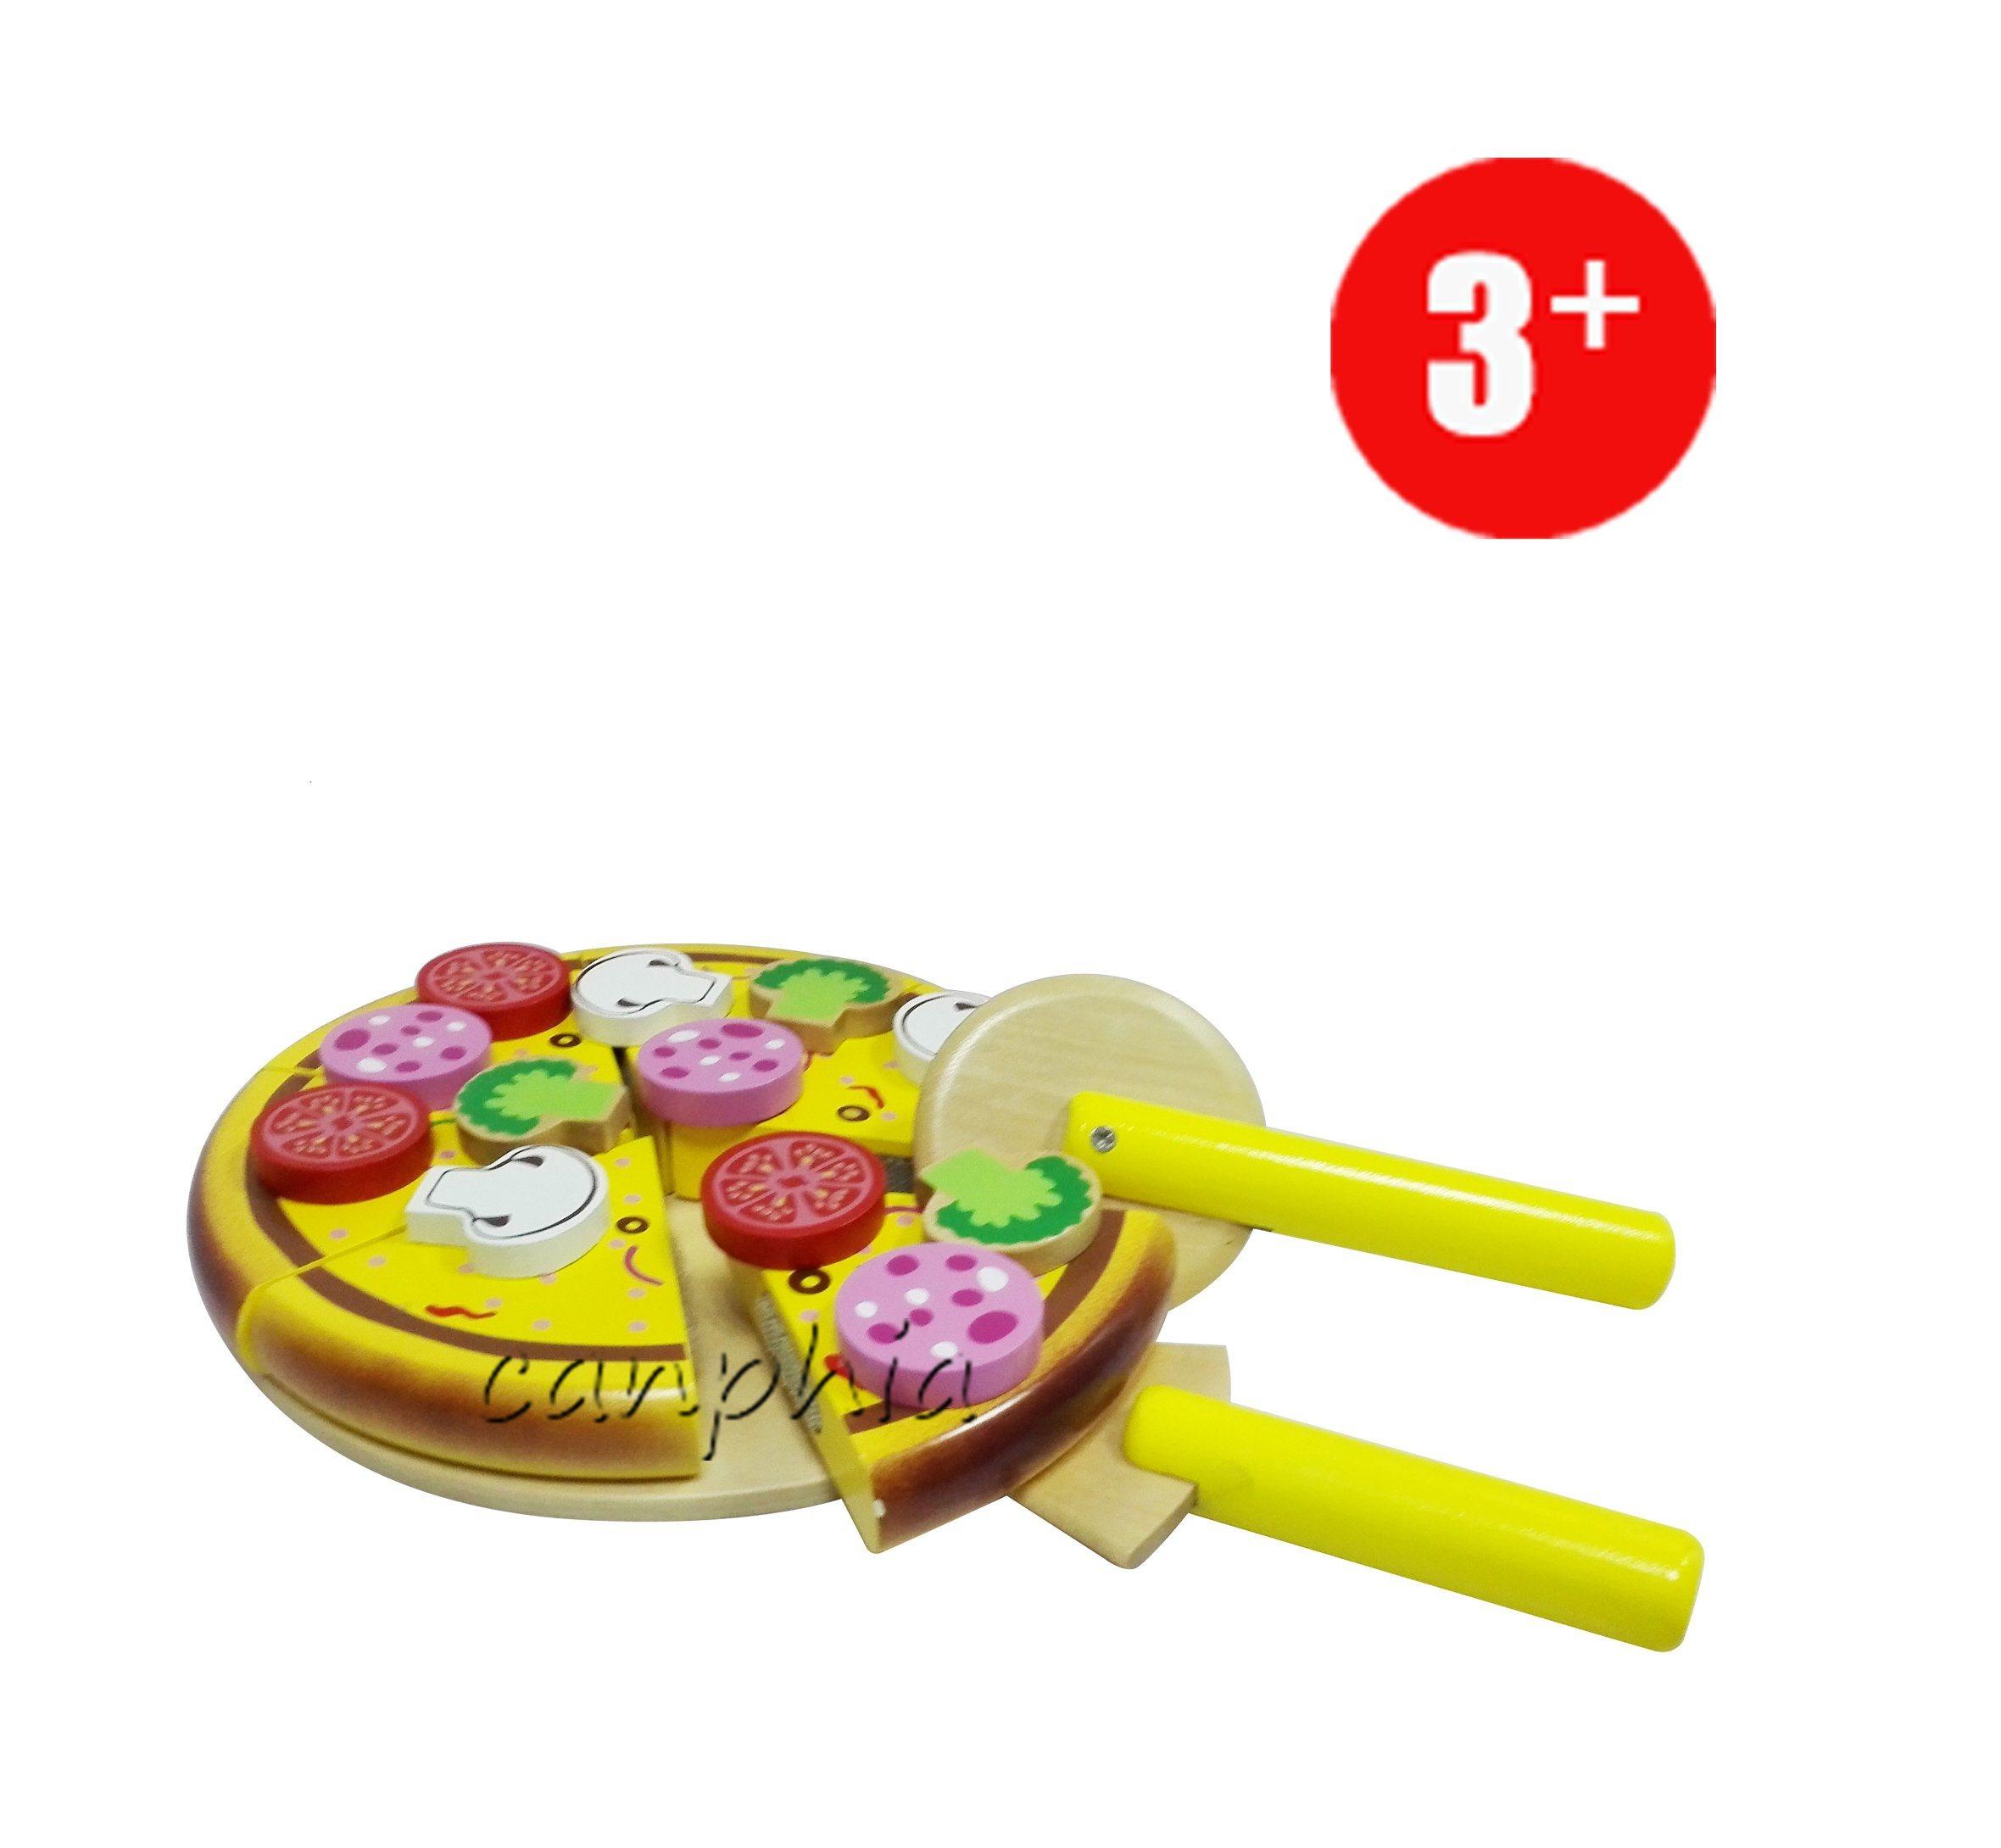 Wooden Children Pretend Play Food Set Kitchen Toy for Girls Kids Gift Birthday Cake Ca04005-2